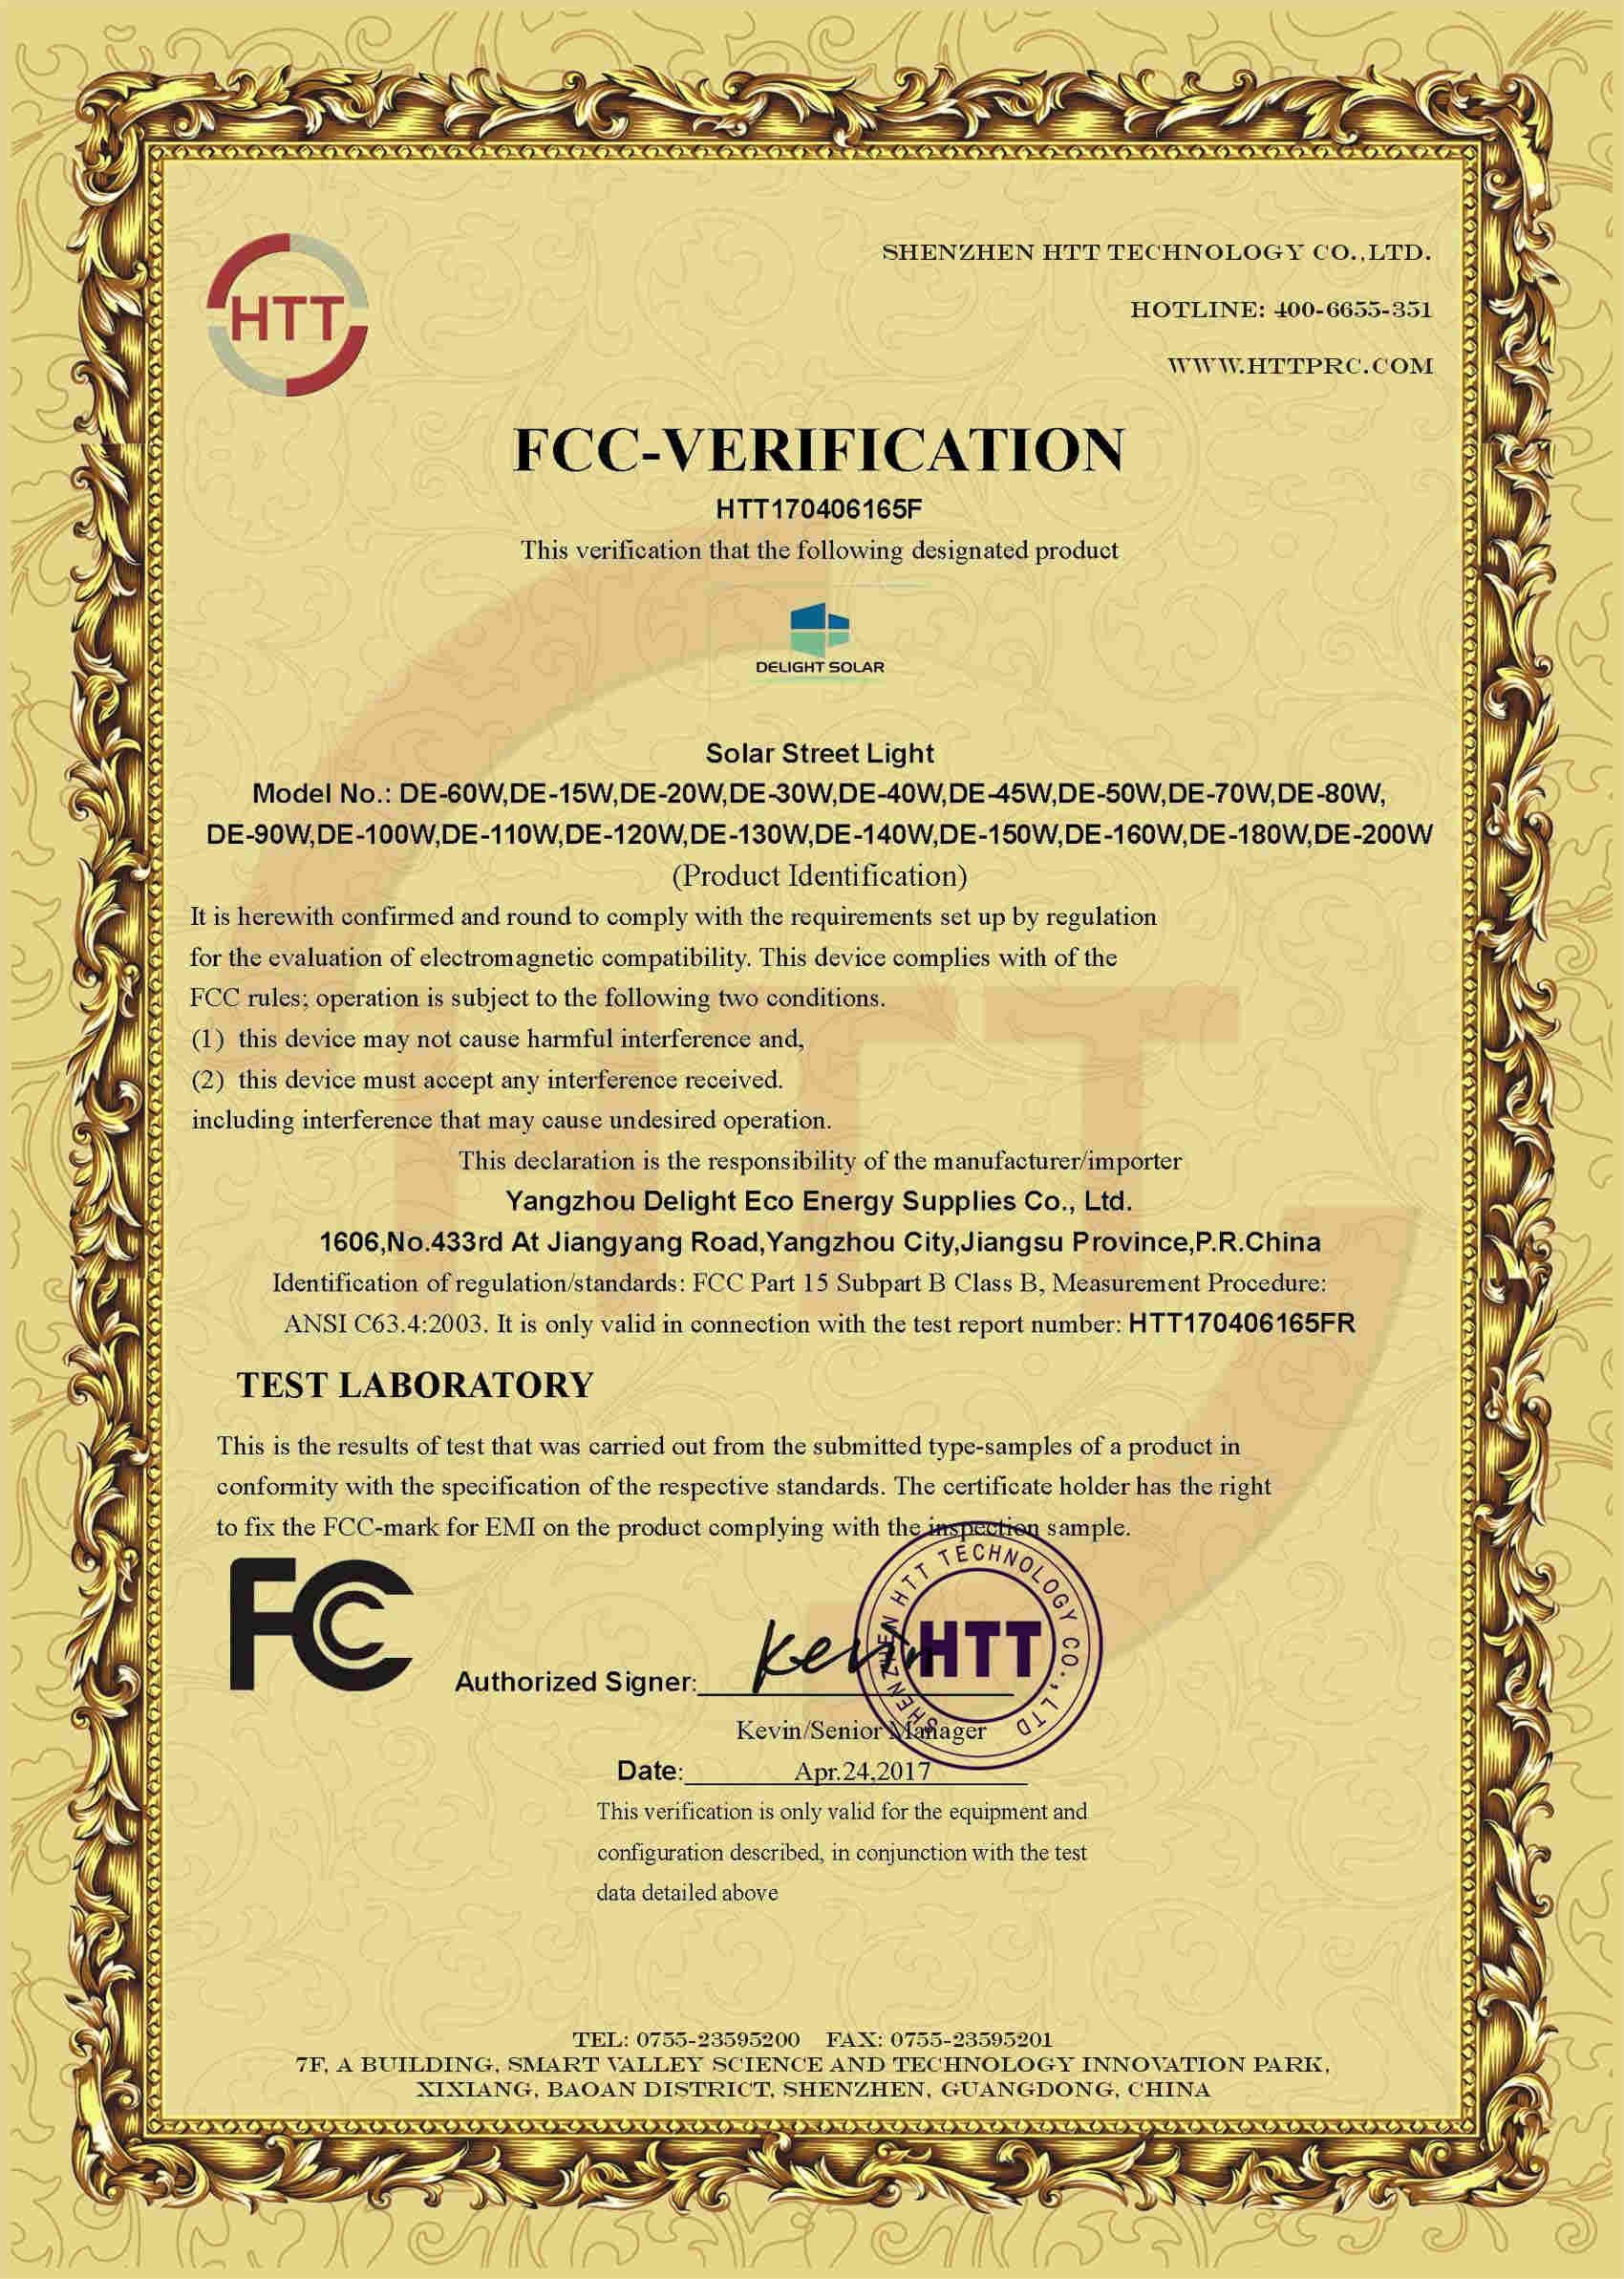 FCC certificate for solar street light